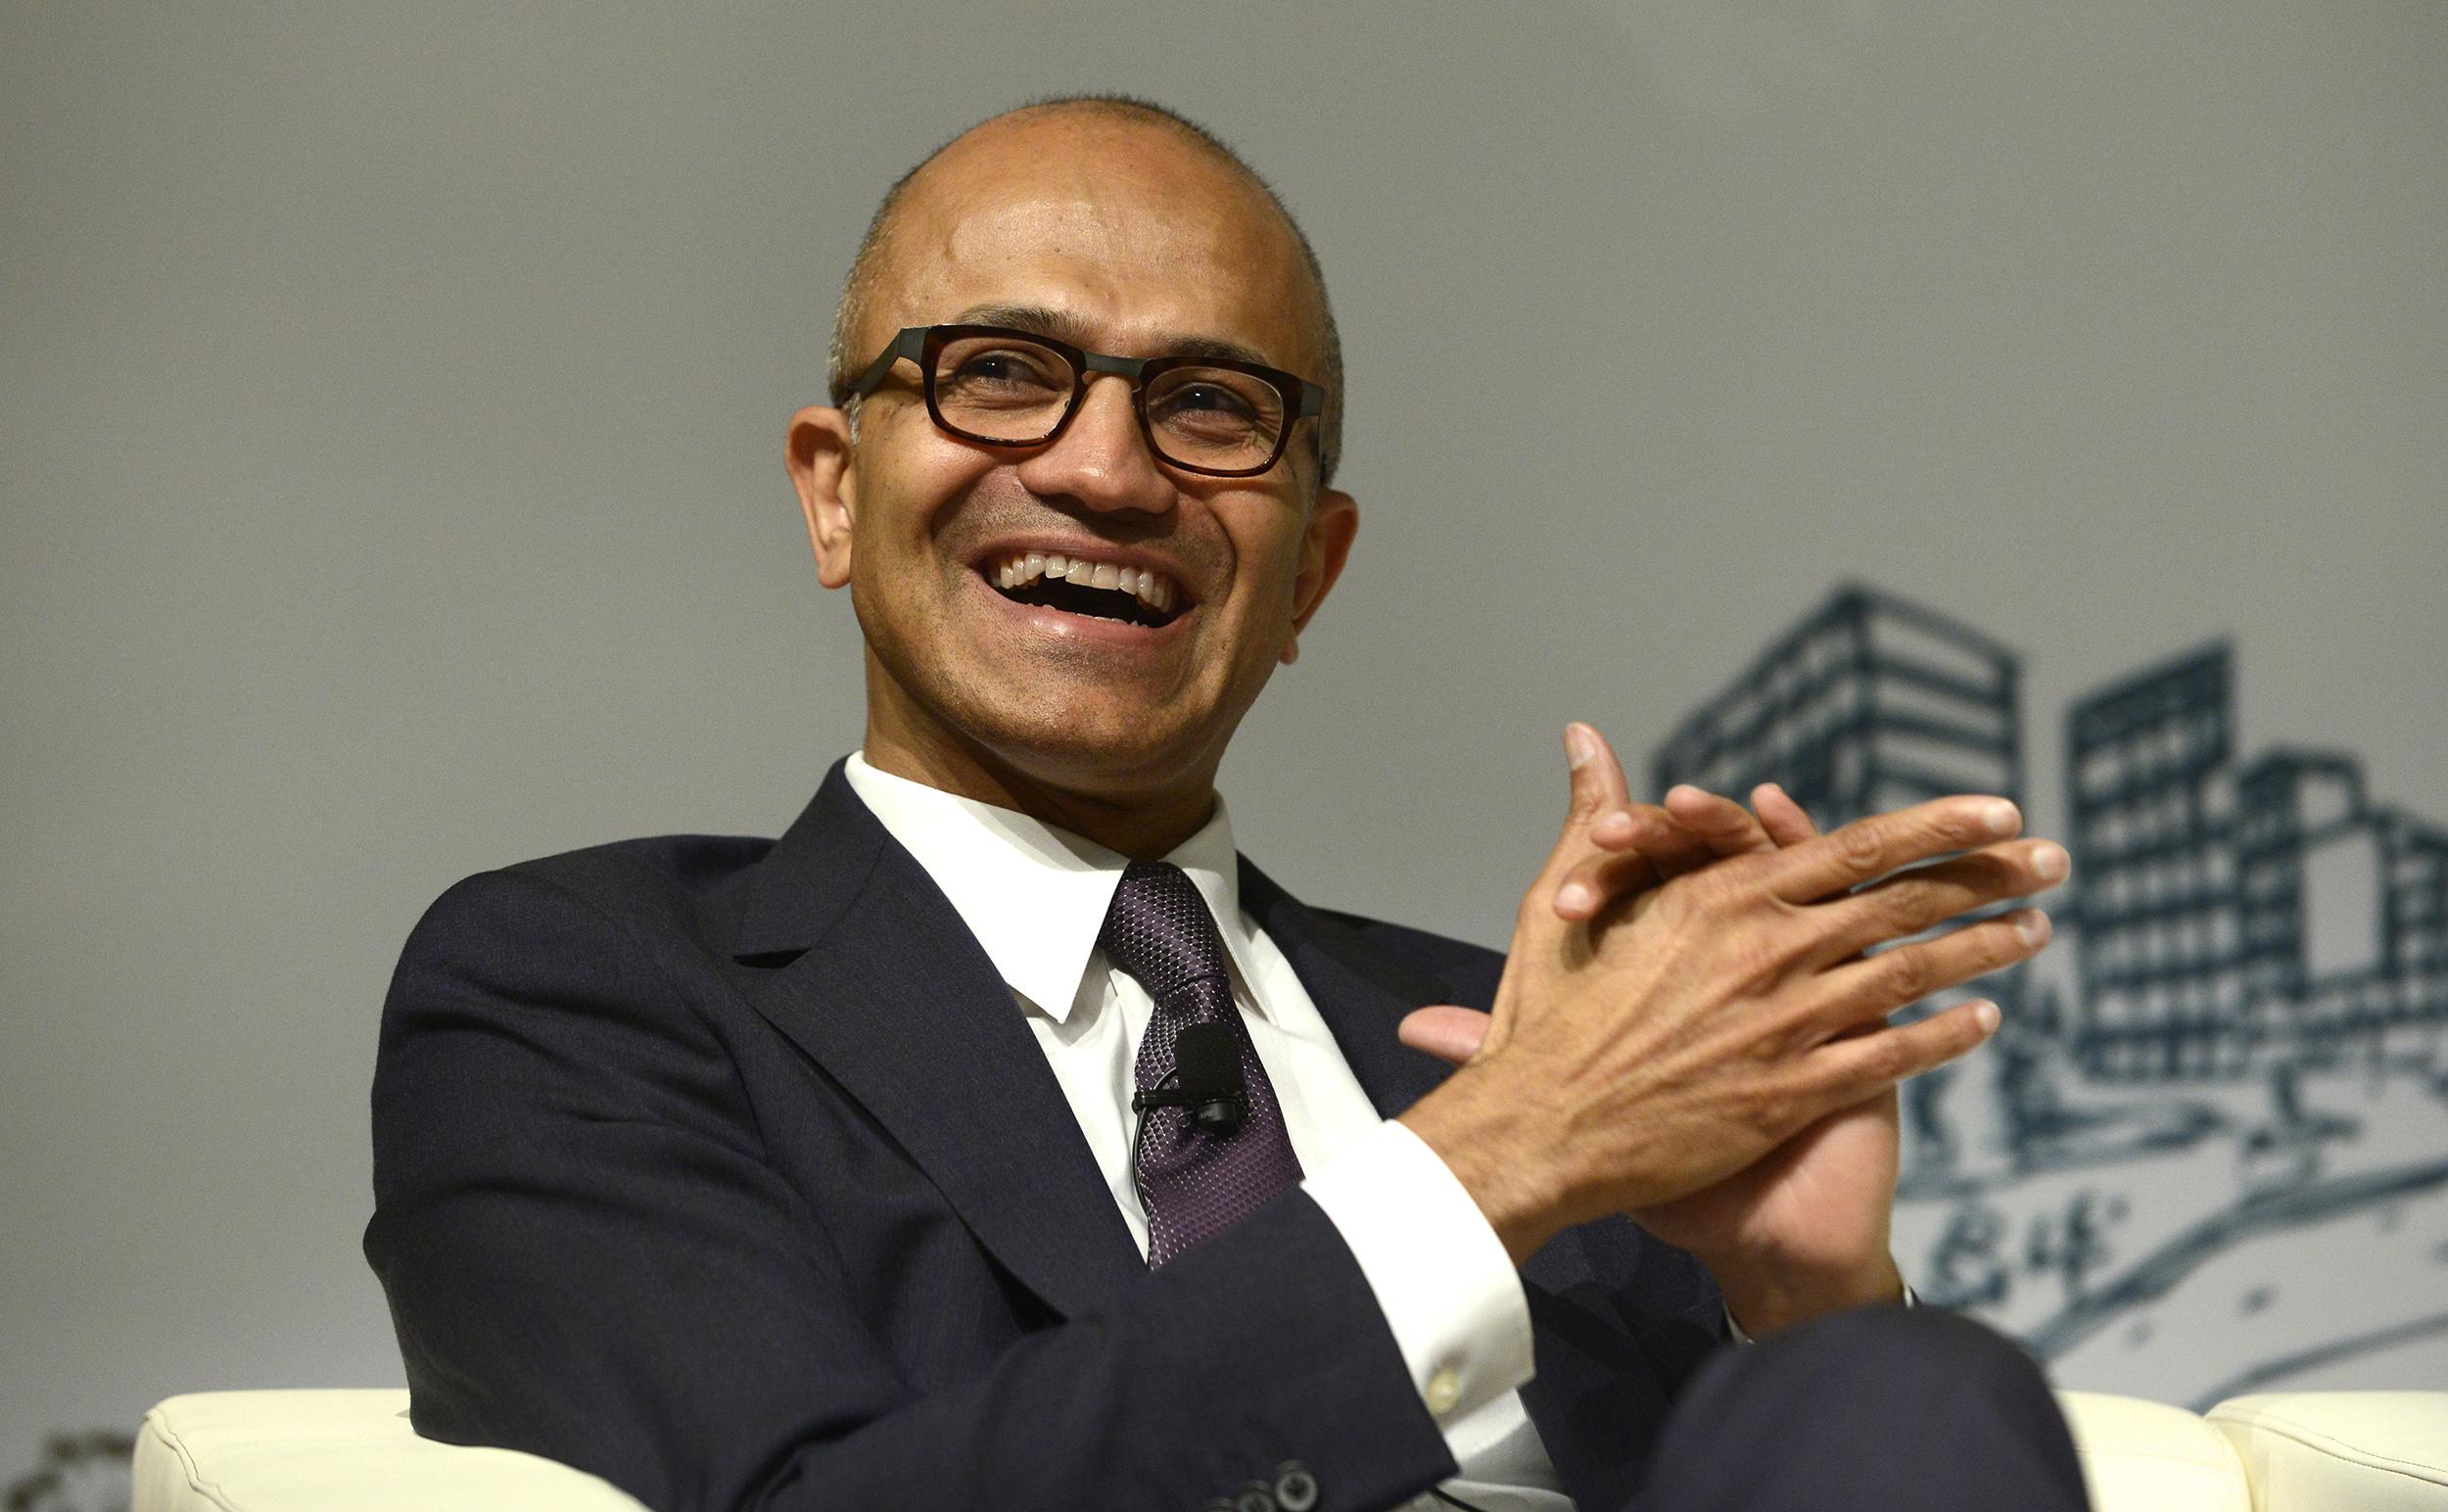 CEO Of Microsoft Satya Nadella